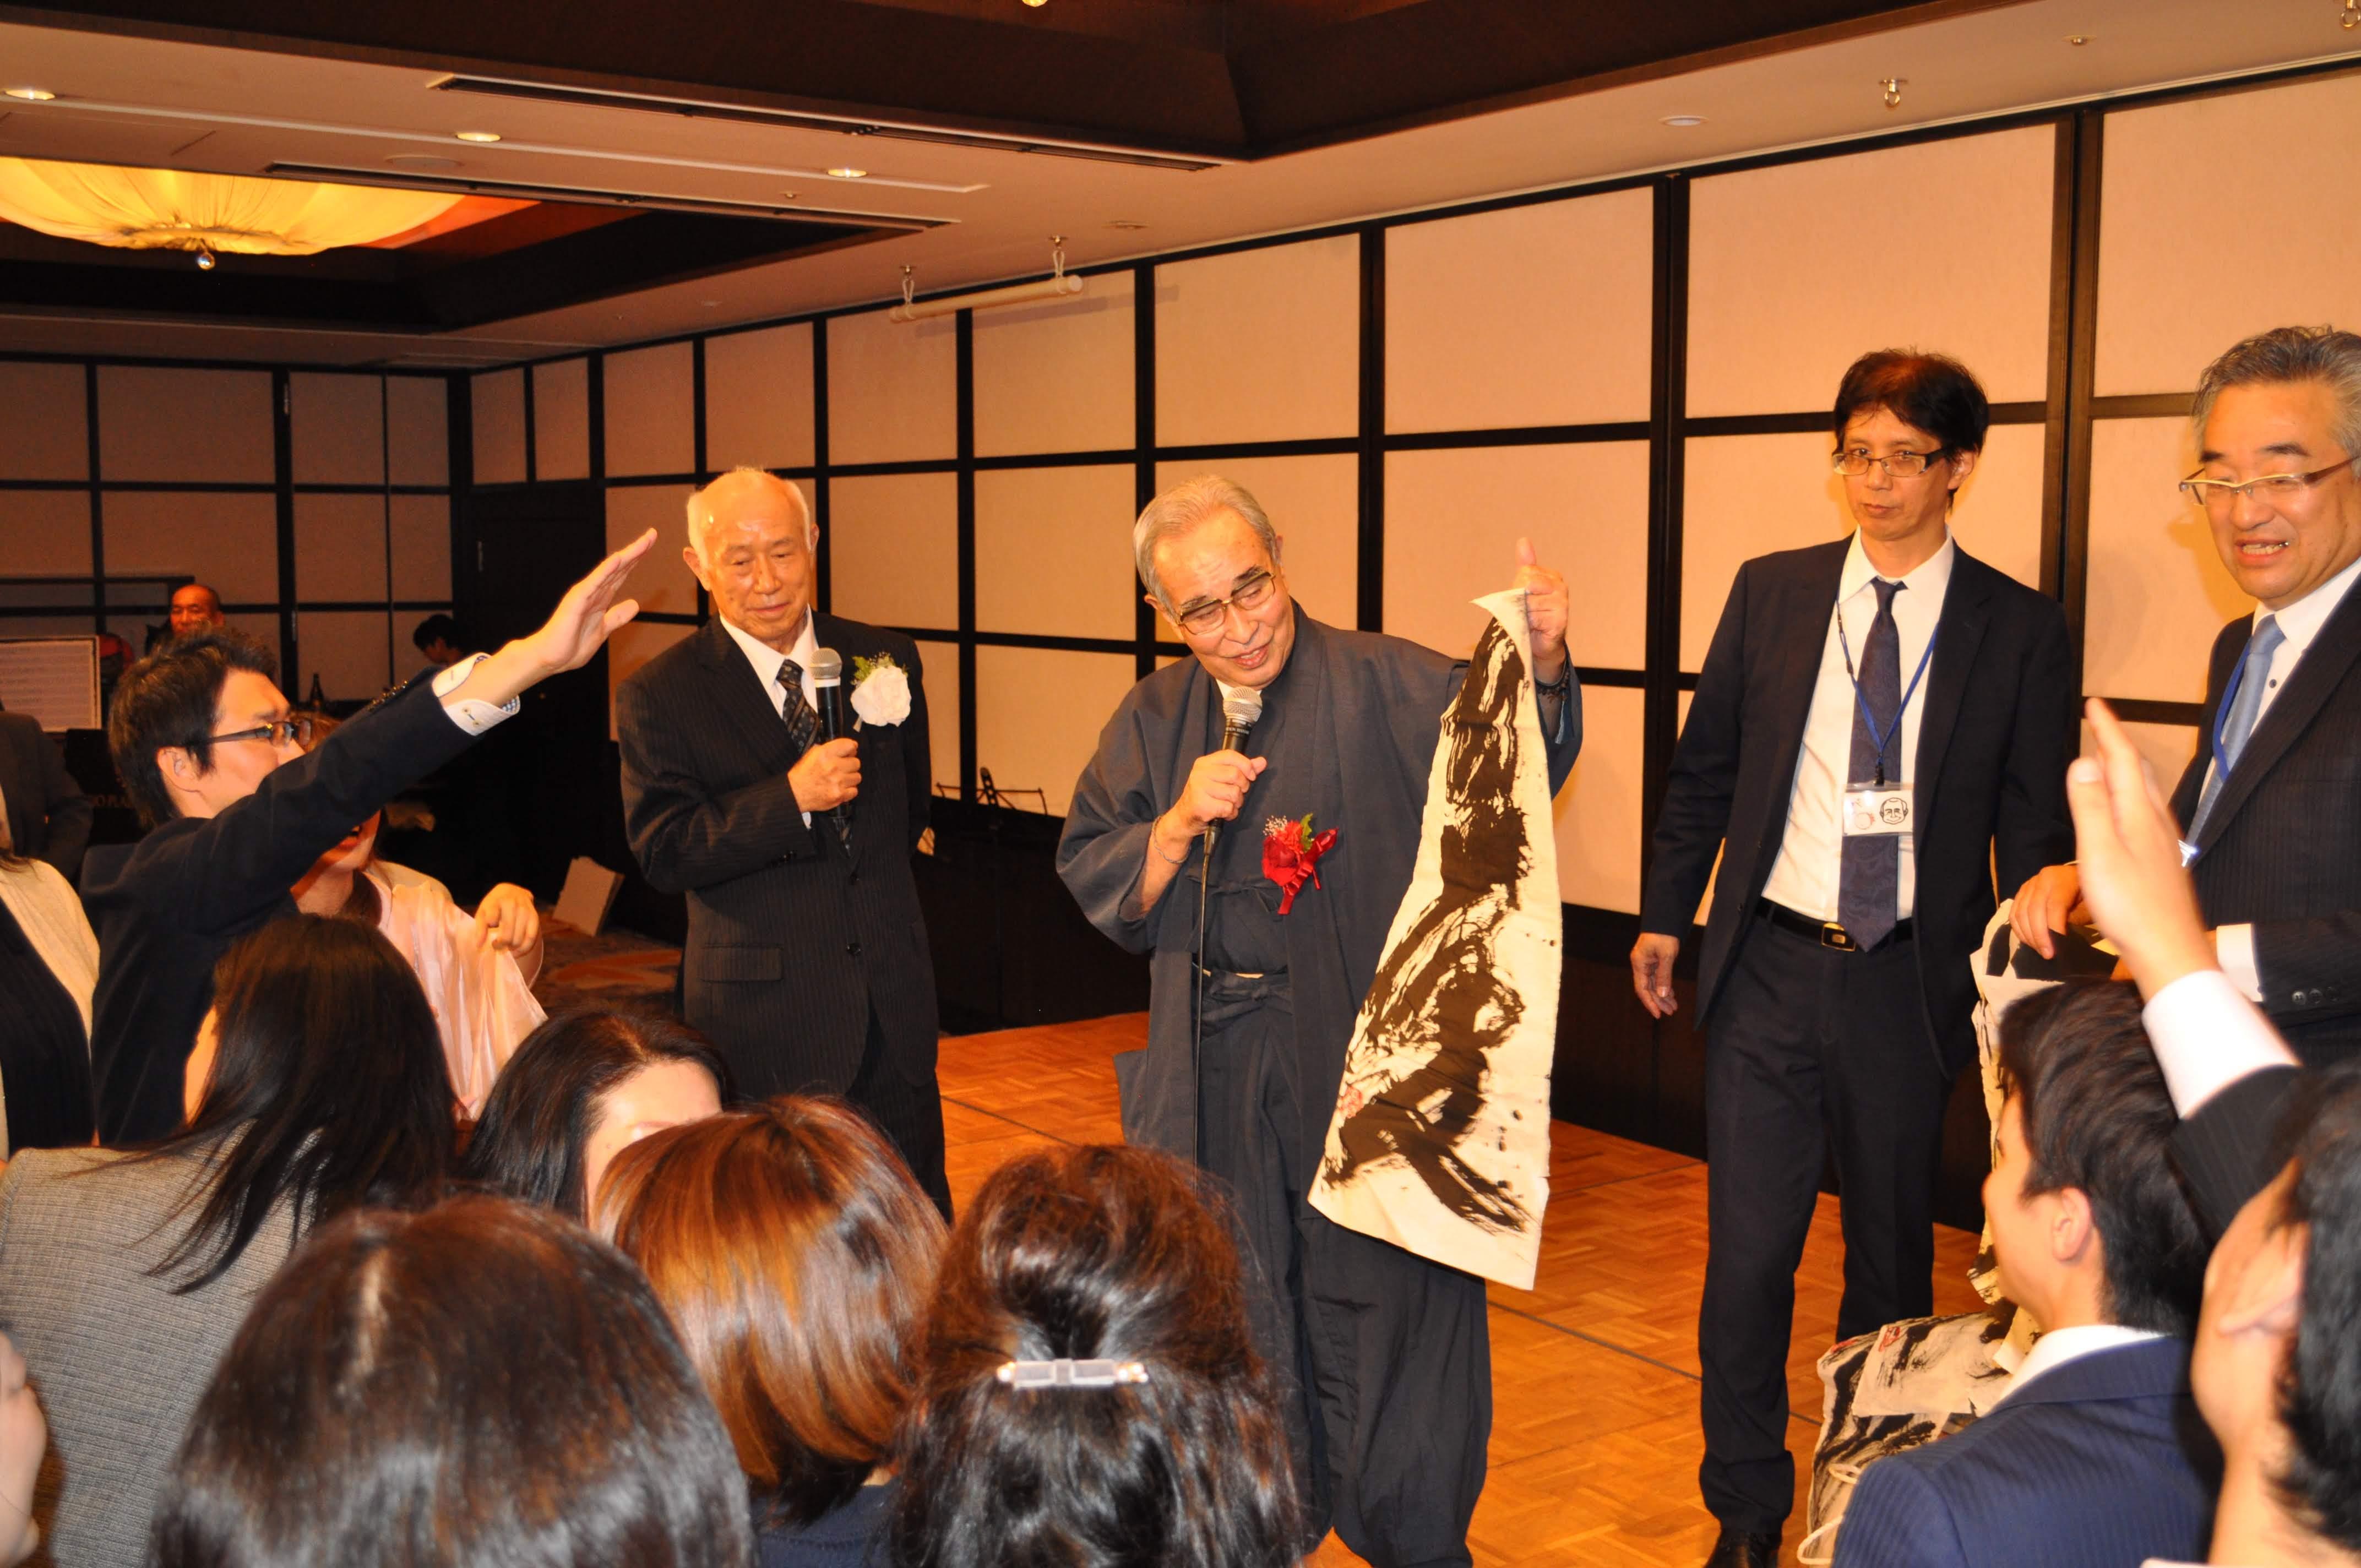 DSC 0573 1 - 思風会全国大会in広島